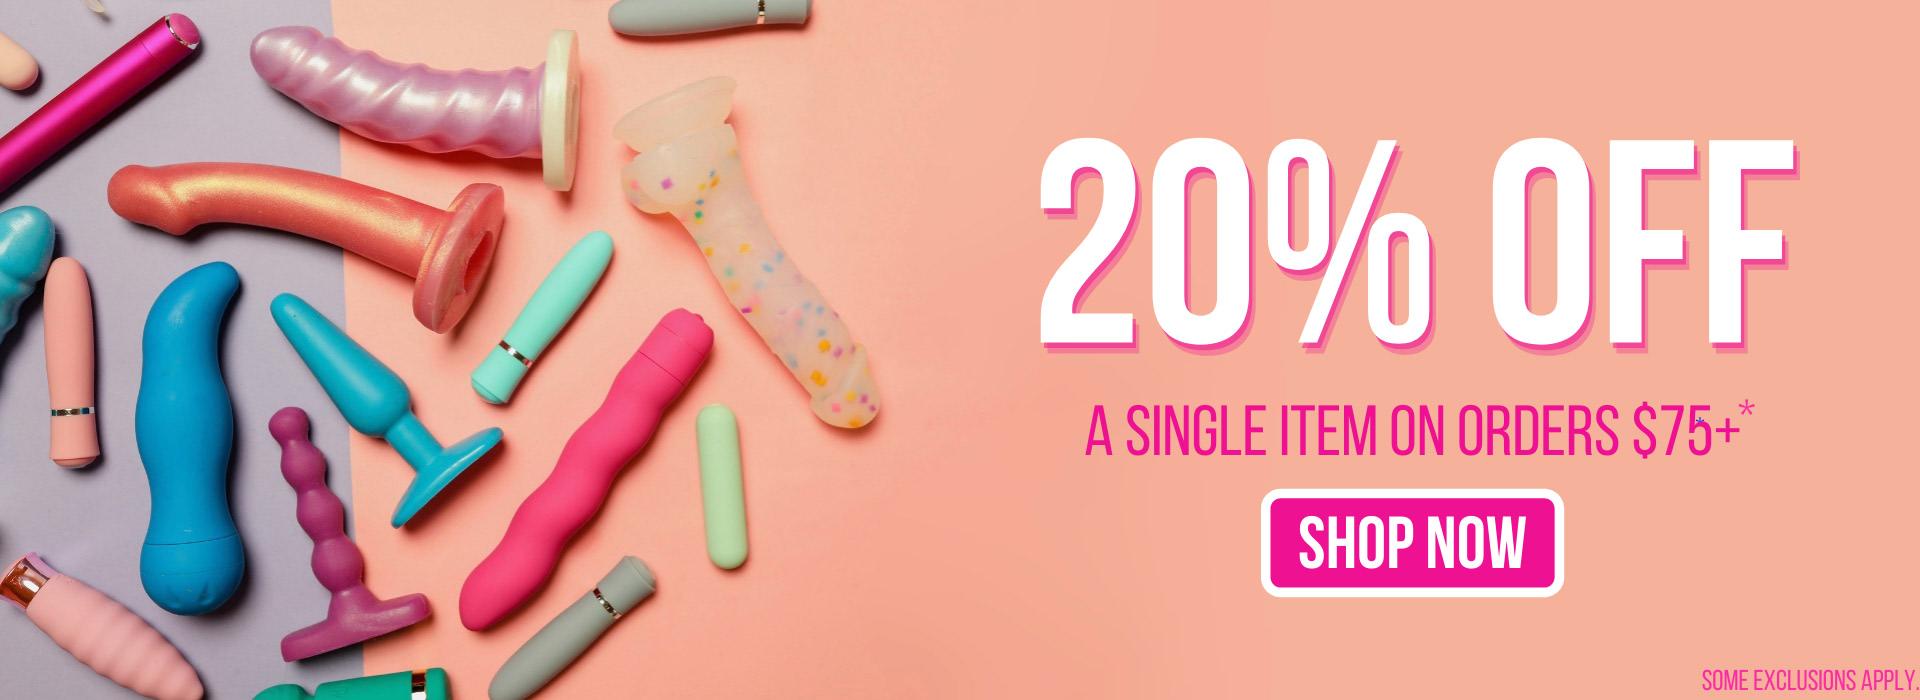 20% Off a Single Item